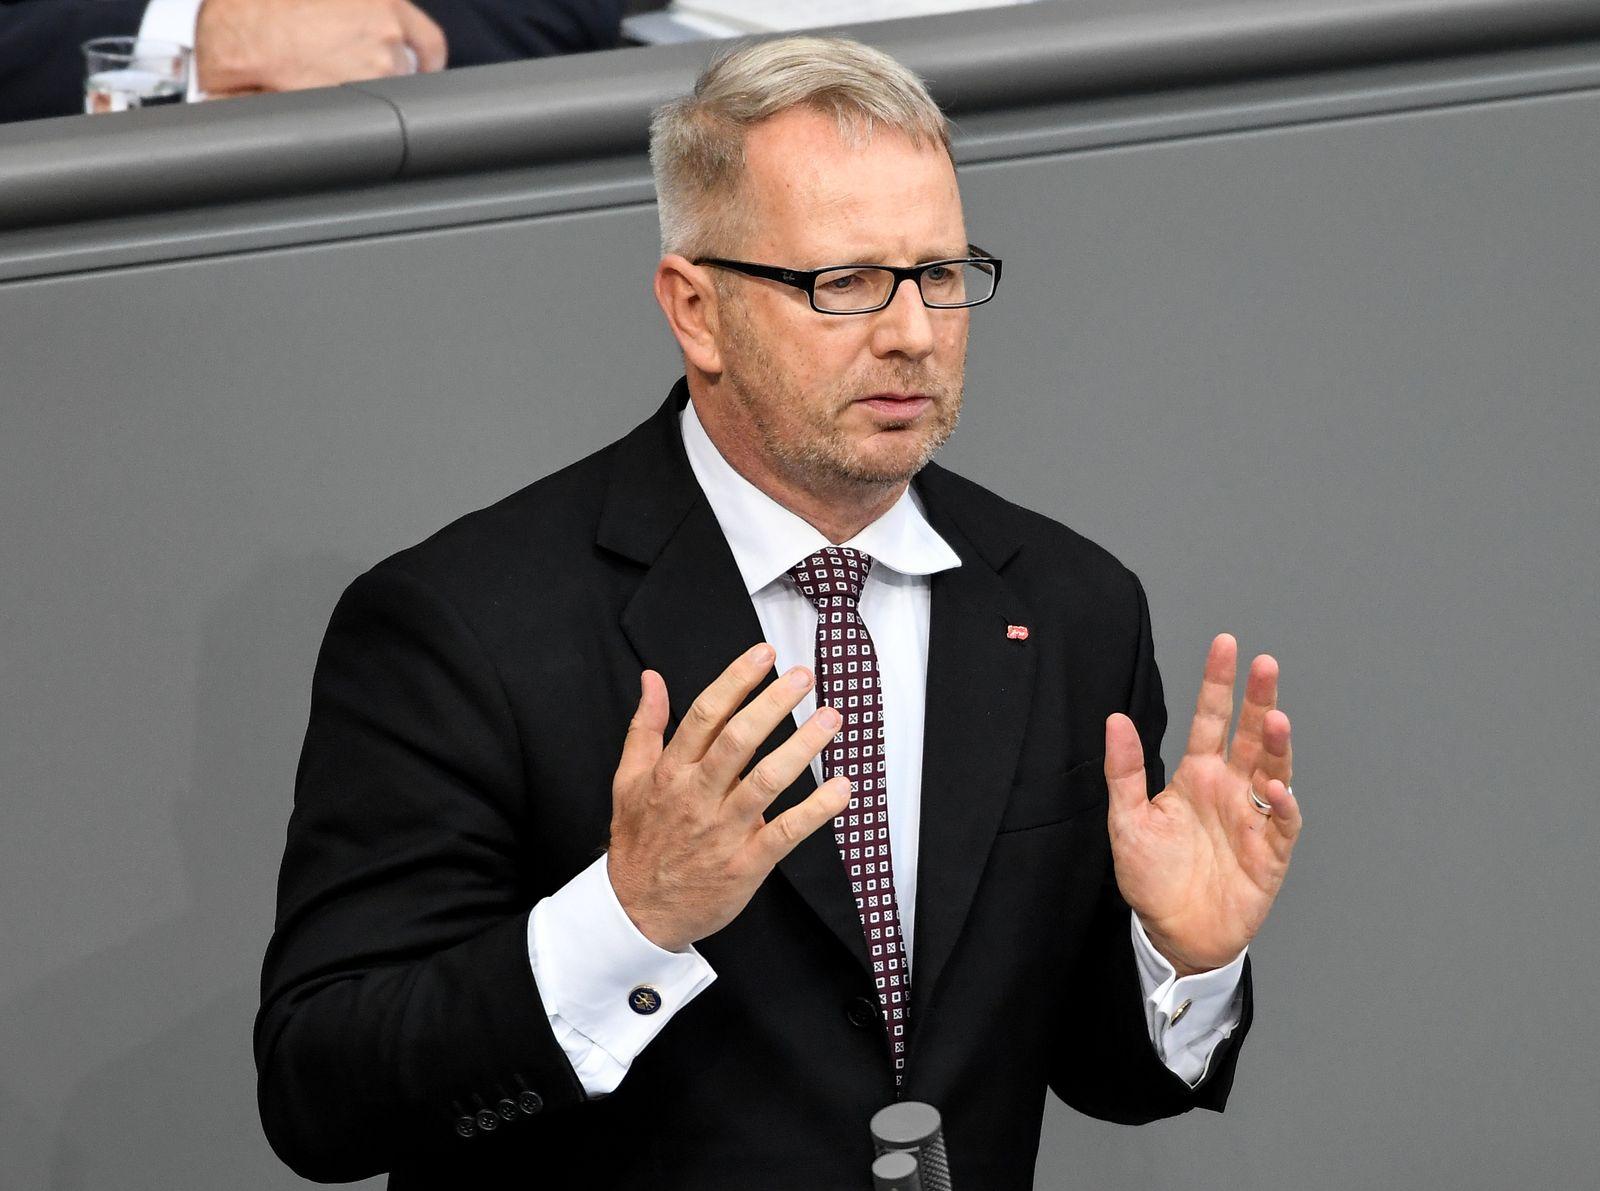 Bundestag - Abschluss der Haushaltswoche